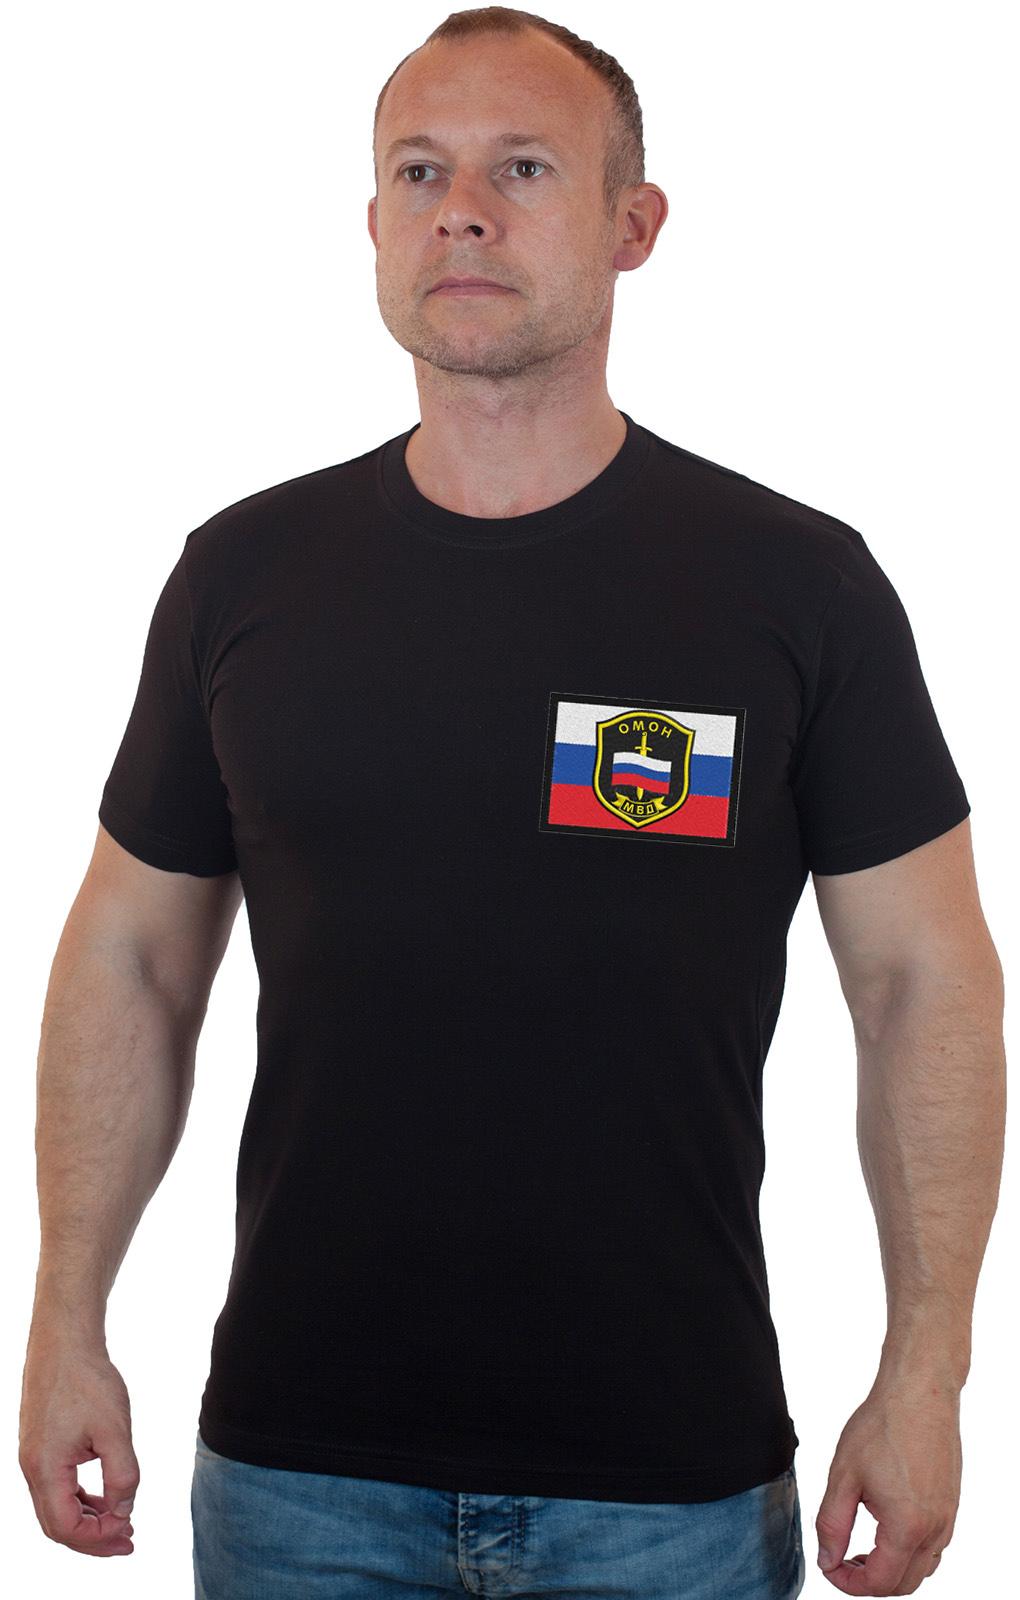 Купить в Москве футболку ОМОН